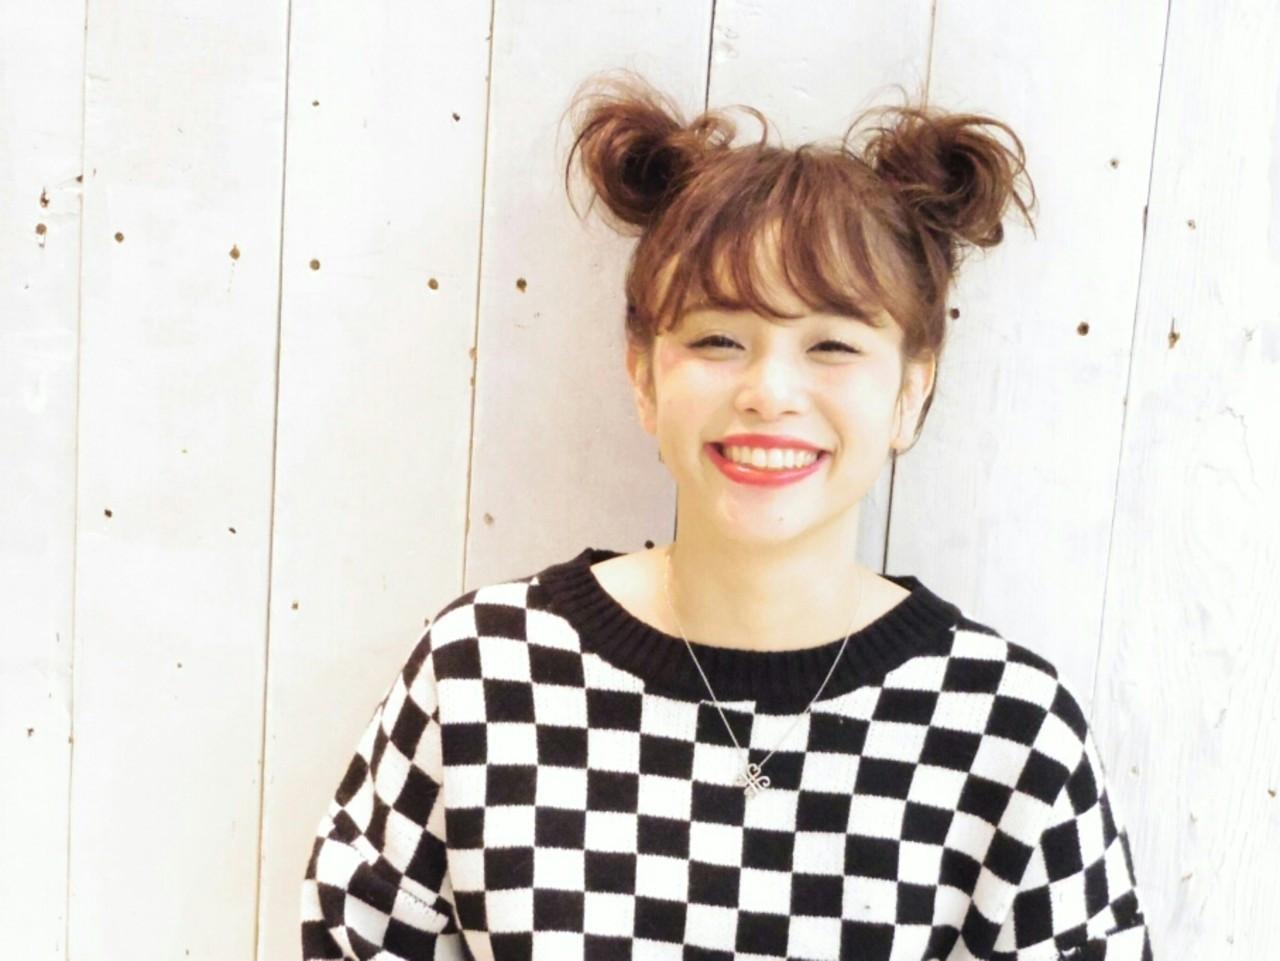 ミディアム ツインテール お団子 ヘアアレンジ ヘアスタイルや髪型の写真・画像